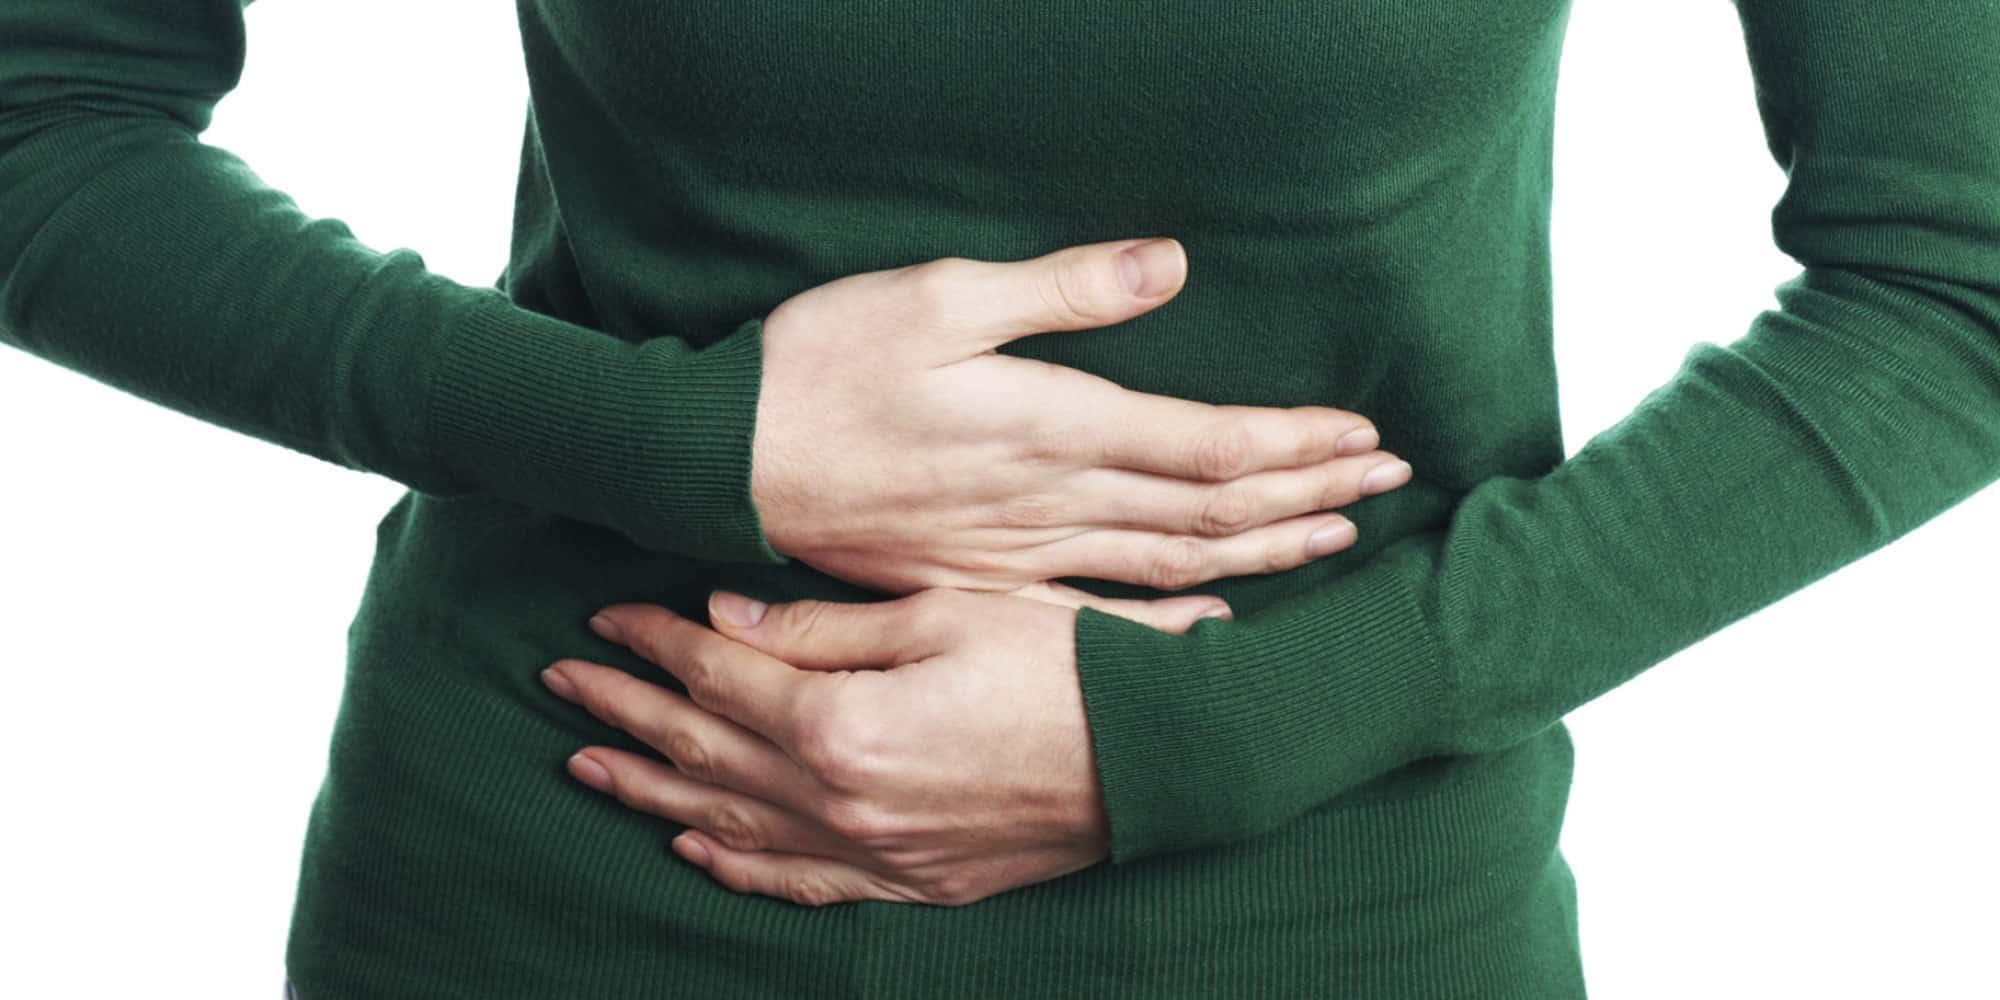 علاجات منزلية للتخلص من مشكلة الإمساك المزمن